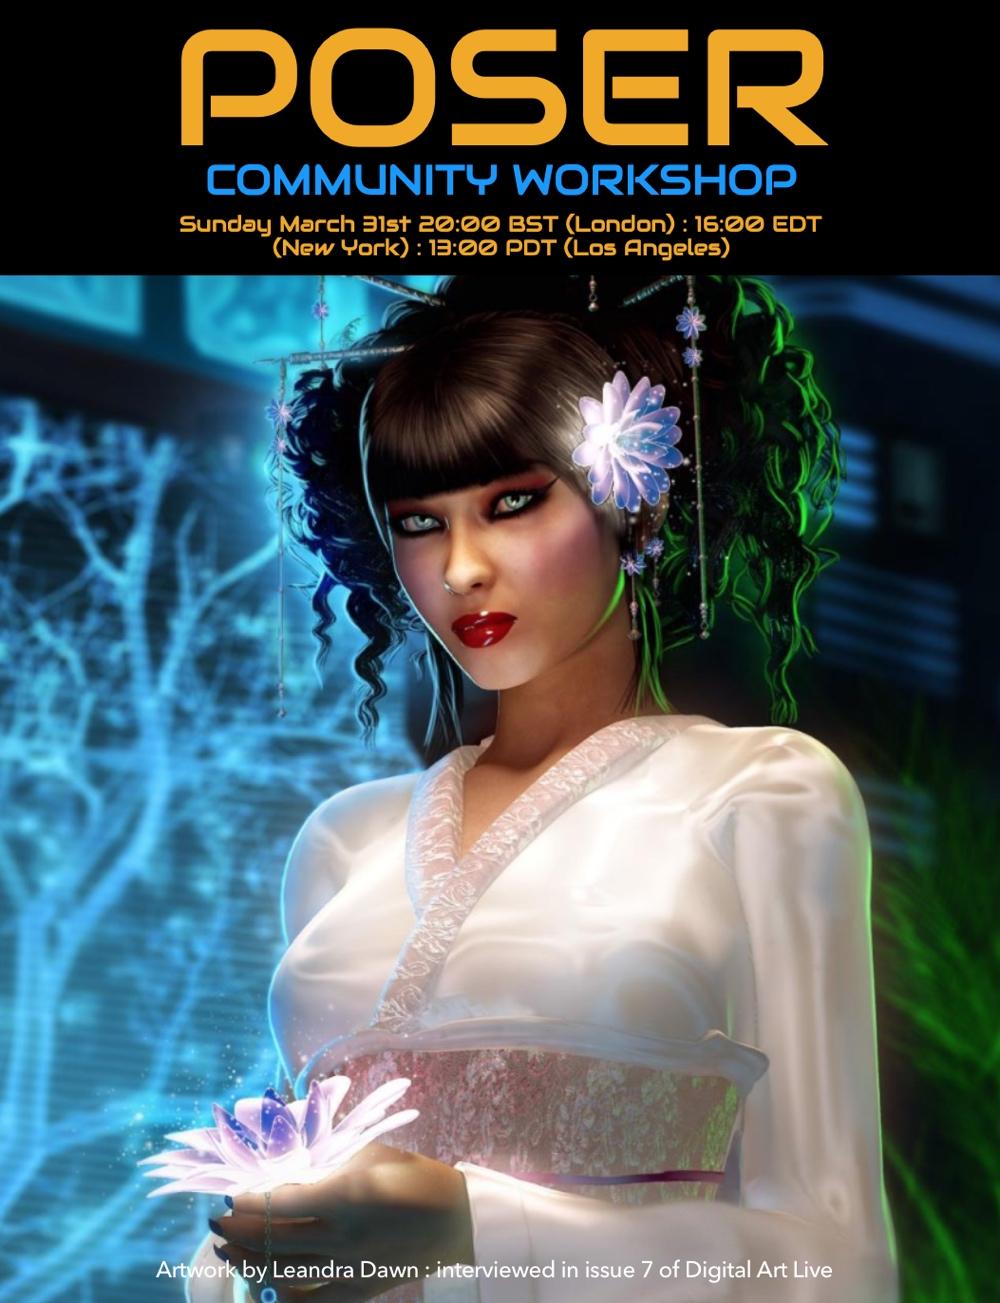 Poser Community Workshop